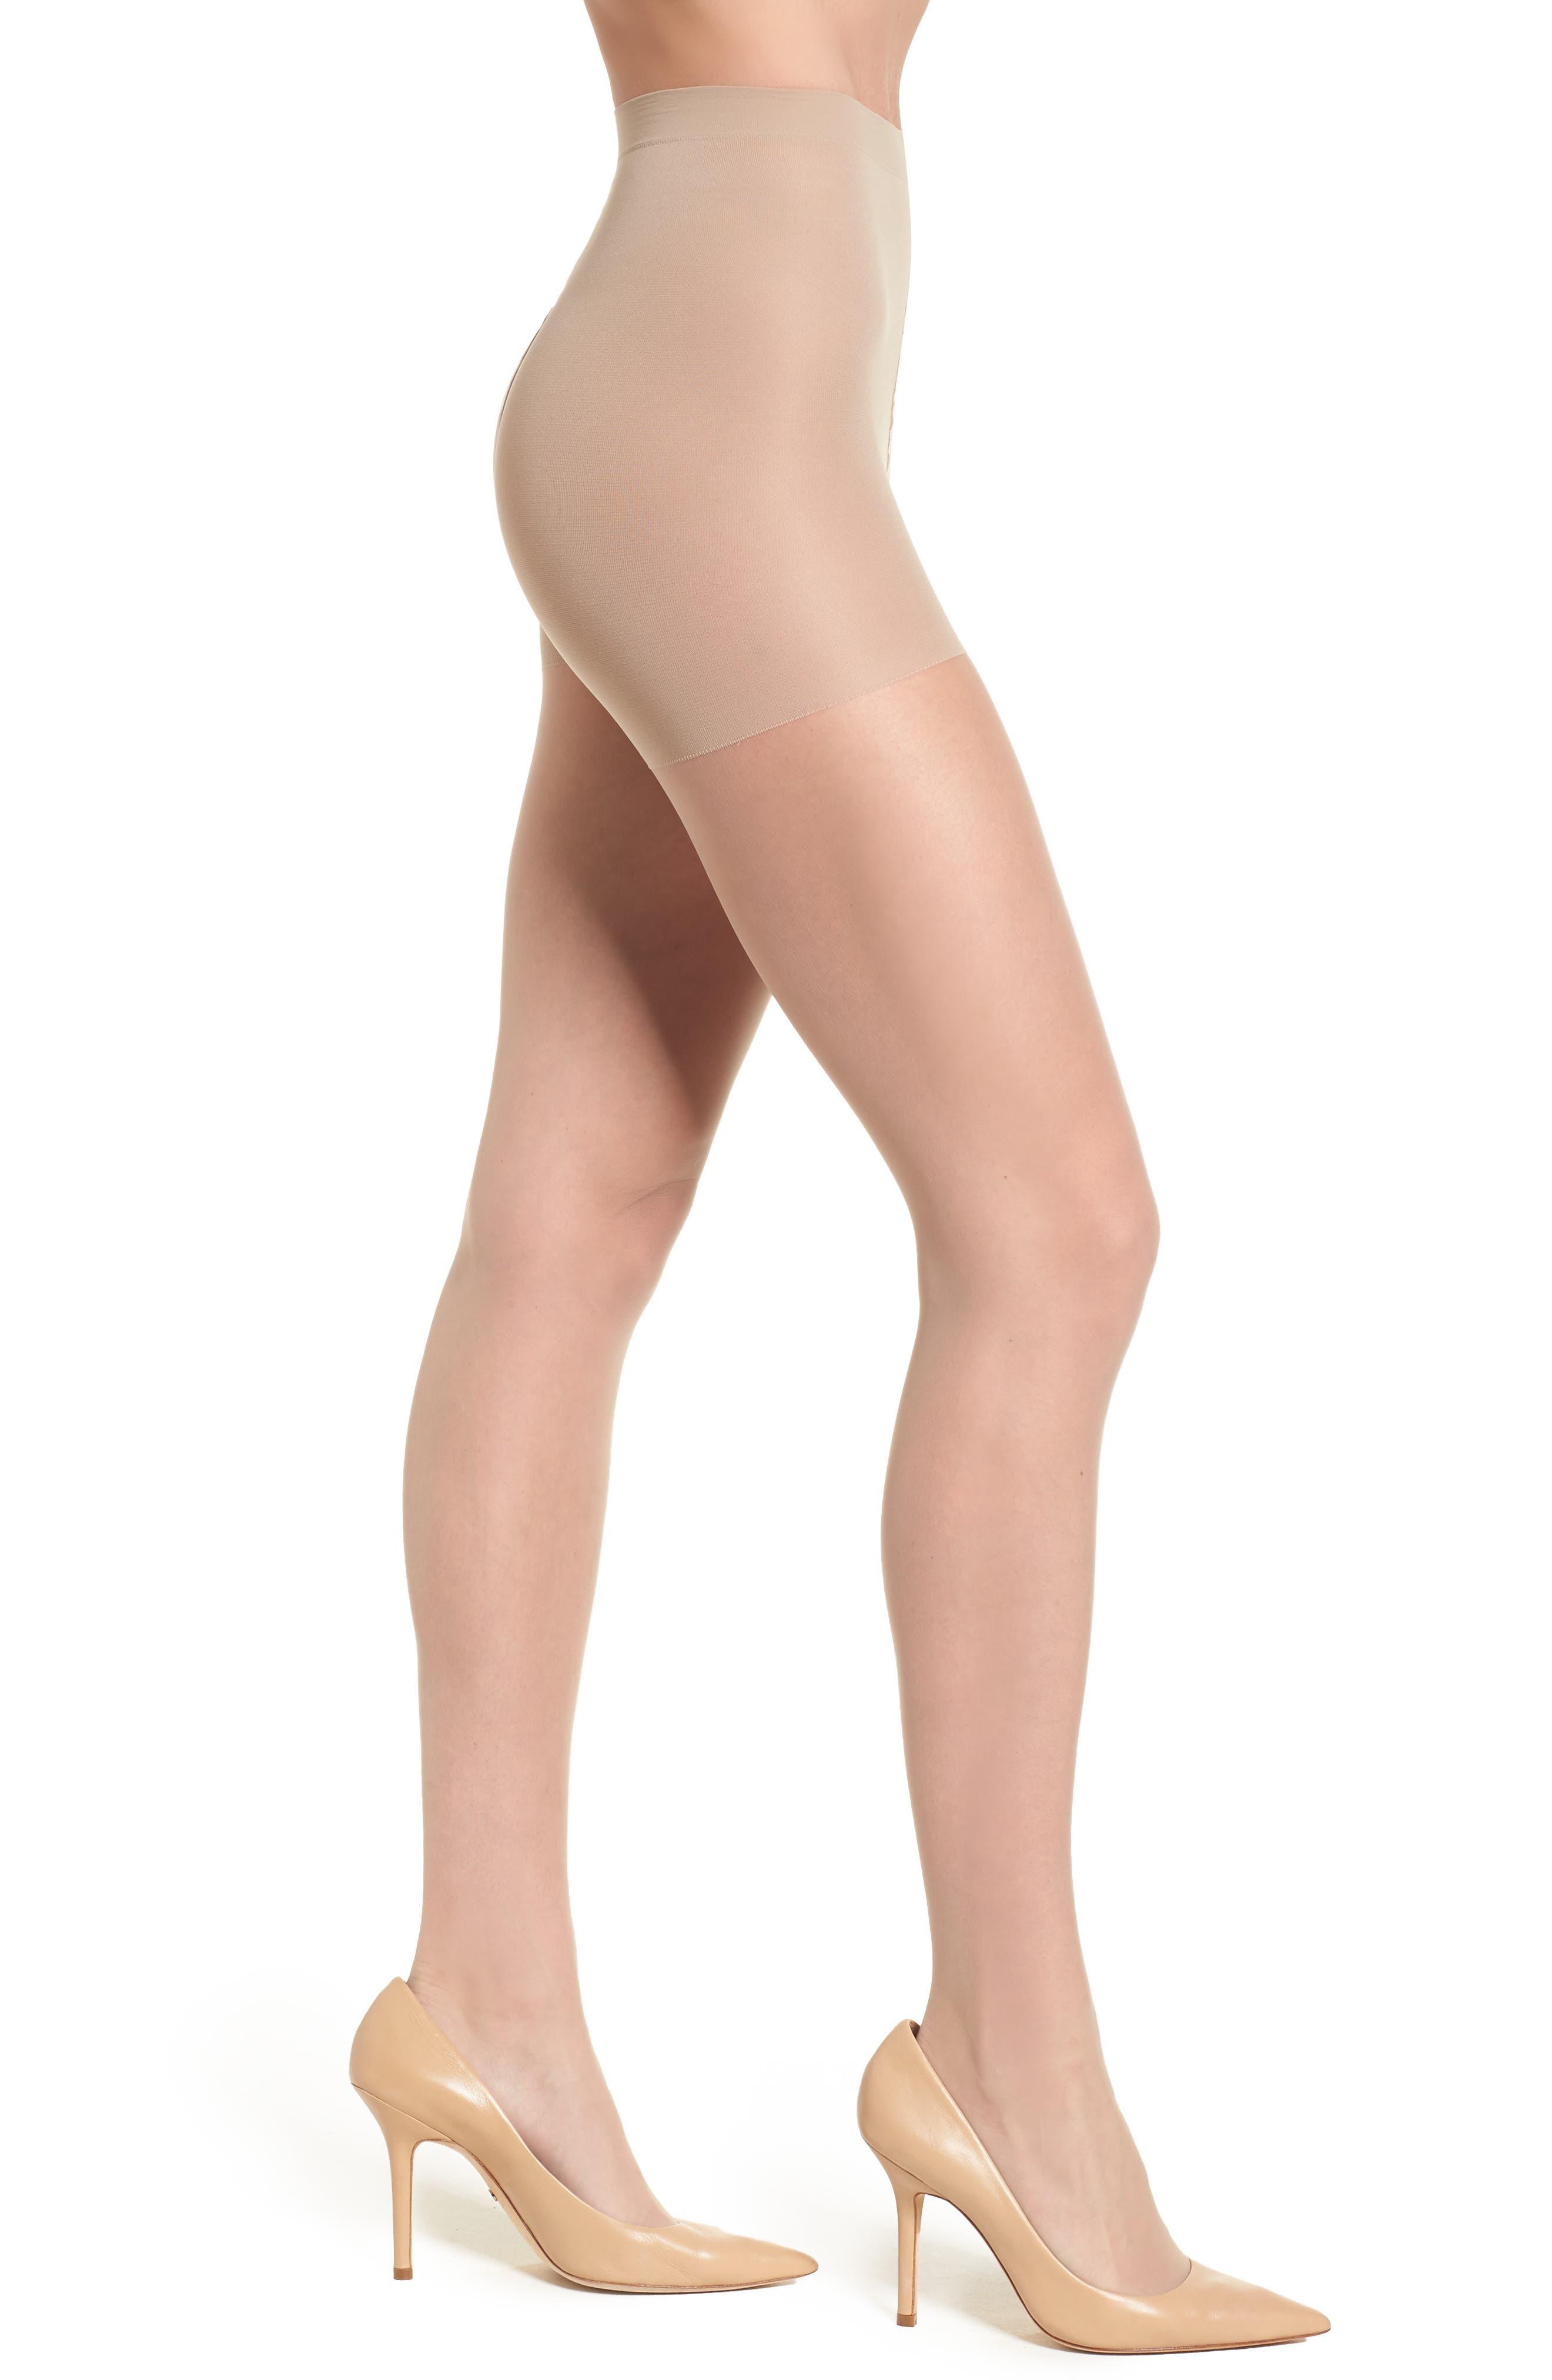 Donna Karan Signature Ultra Sheer Control Top Pantyhose